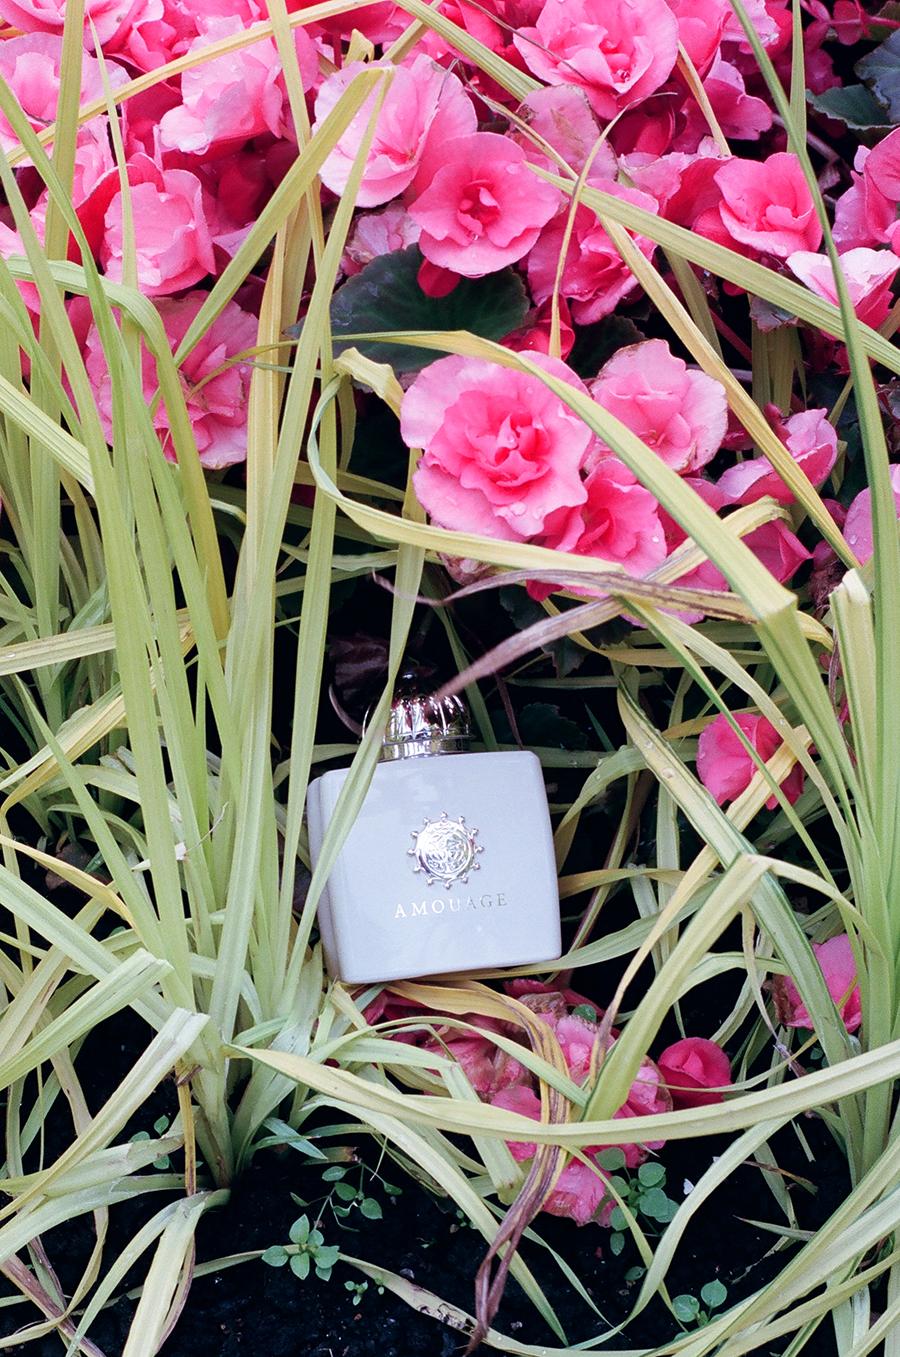 Amouage     Love Tuberose, Eau de Parfum 100ml - £290.00